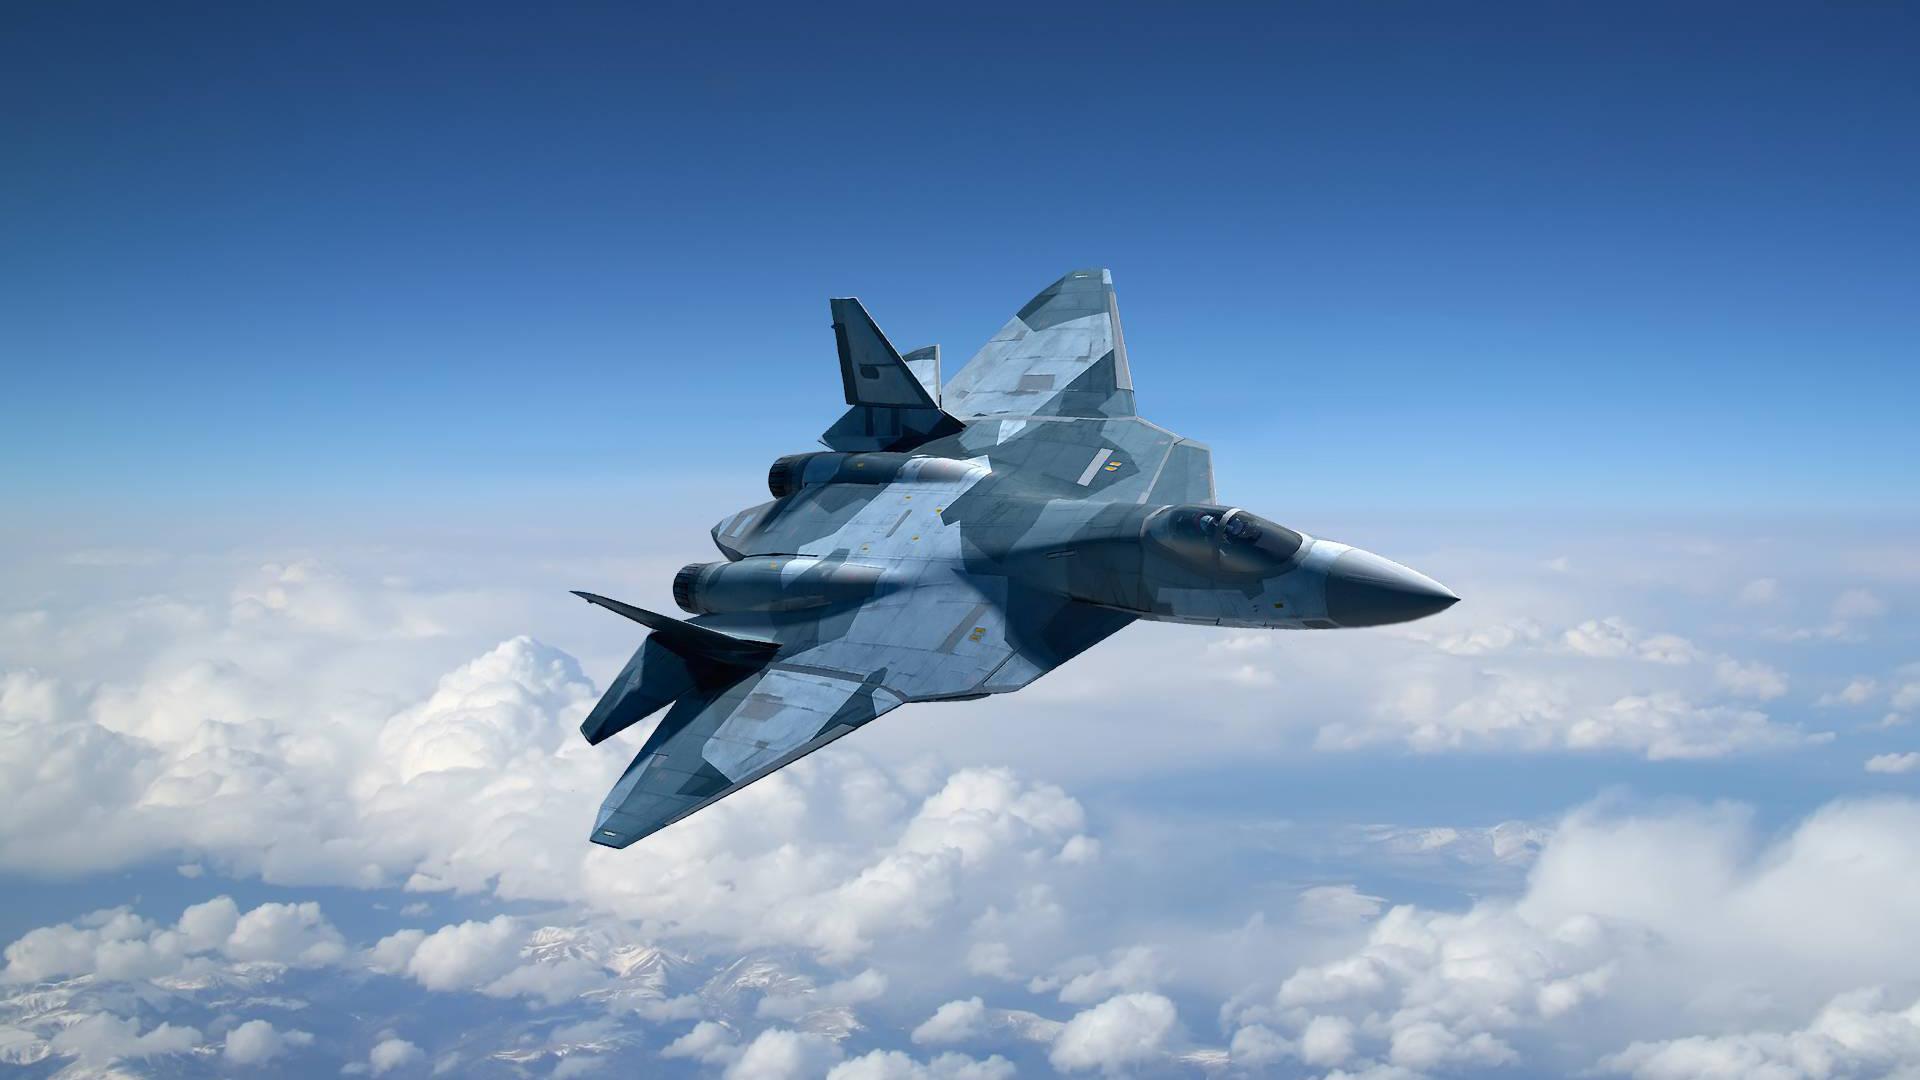 Российский самолет пятого поколения т пак фа , поставки которого в войска начнутся в наступившем году, не менее фантастичен, чем космические истребители из